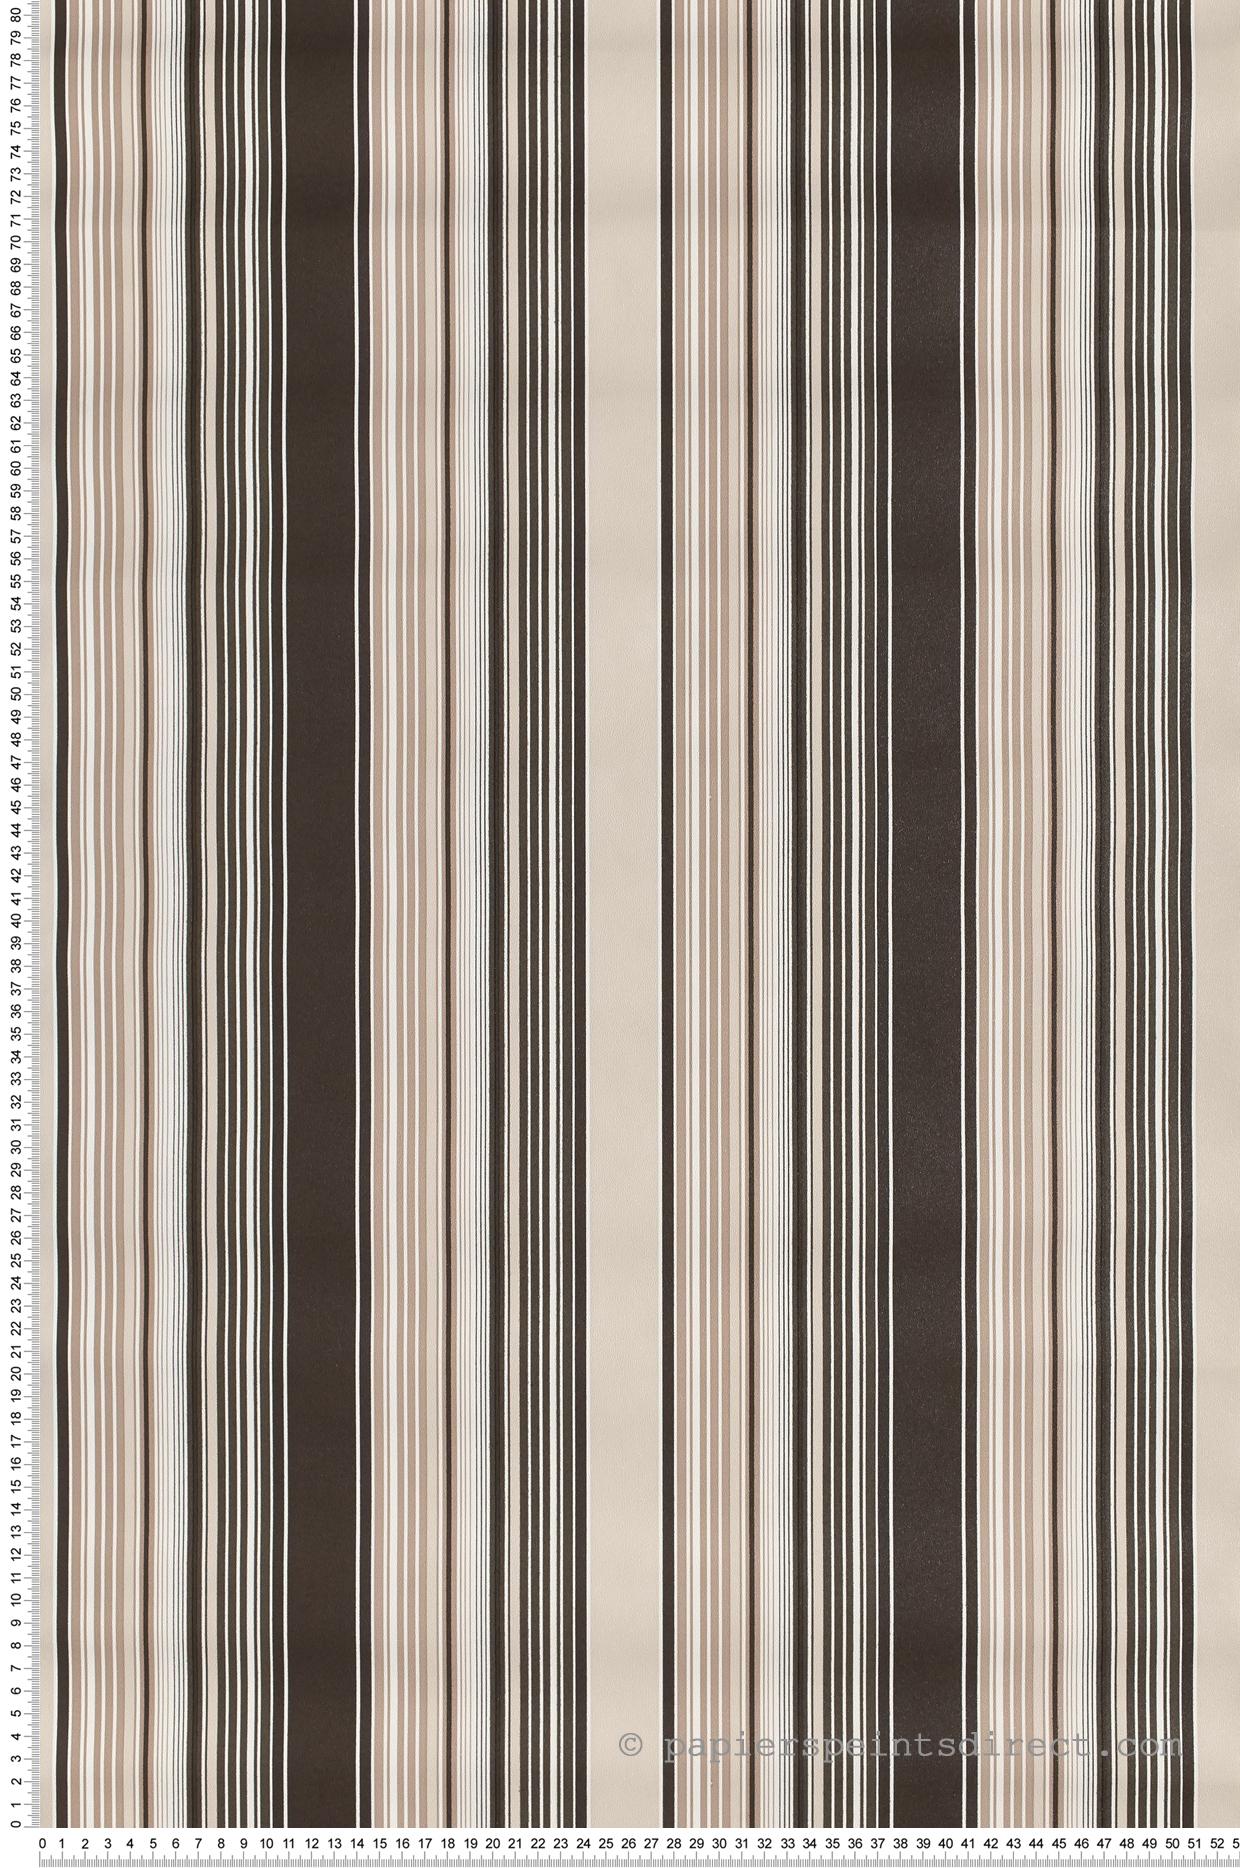 Papier Peint Rayures Fines Et Larges Noir-Taupe - Jeux De dedans Jeux De Taupe